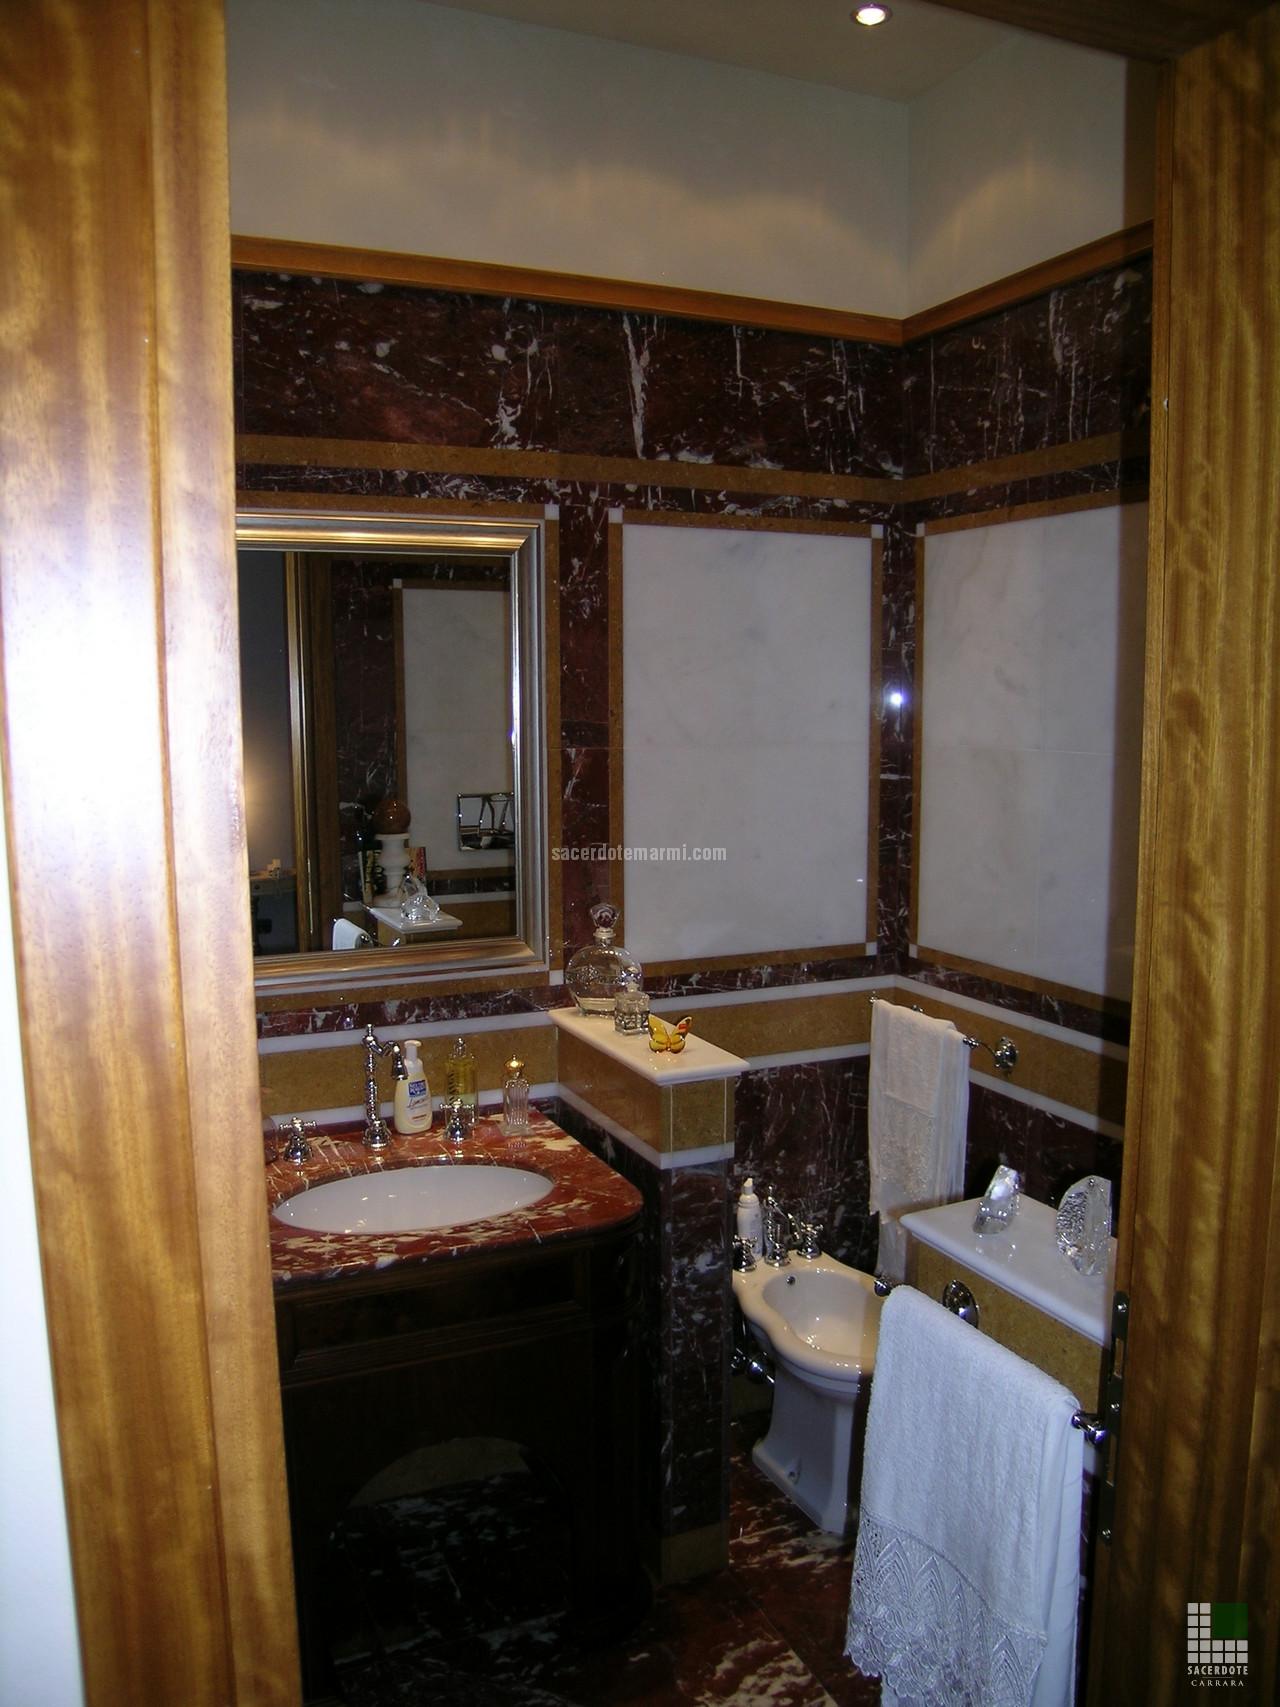 Bagni Residenza Roma - SACERDOTE MARMI - Carrara - Lavorazione marmo